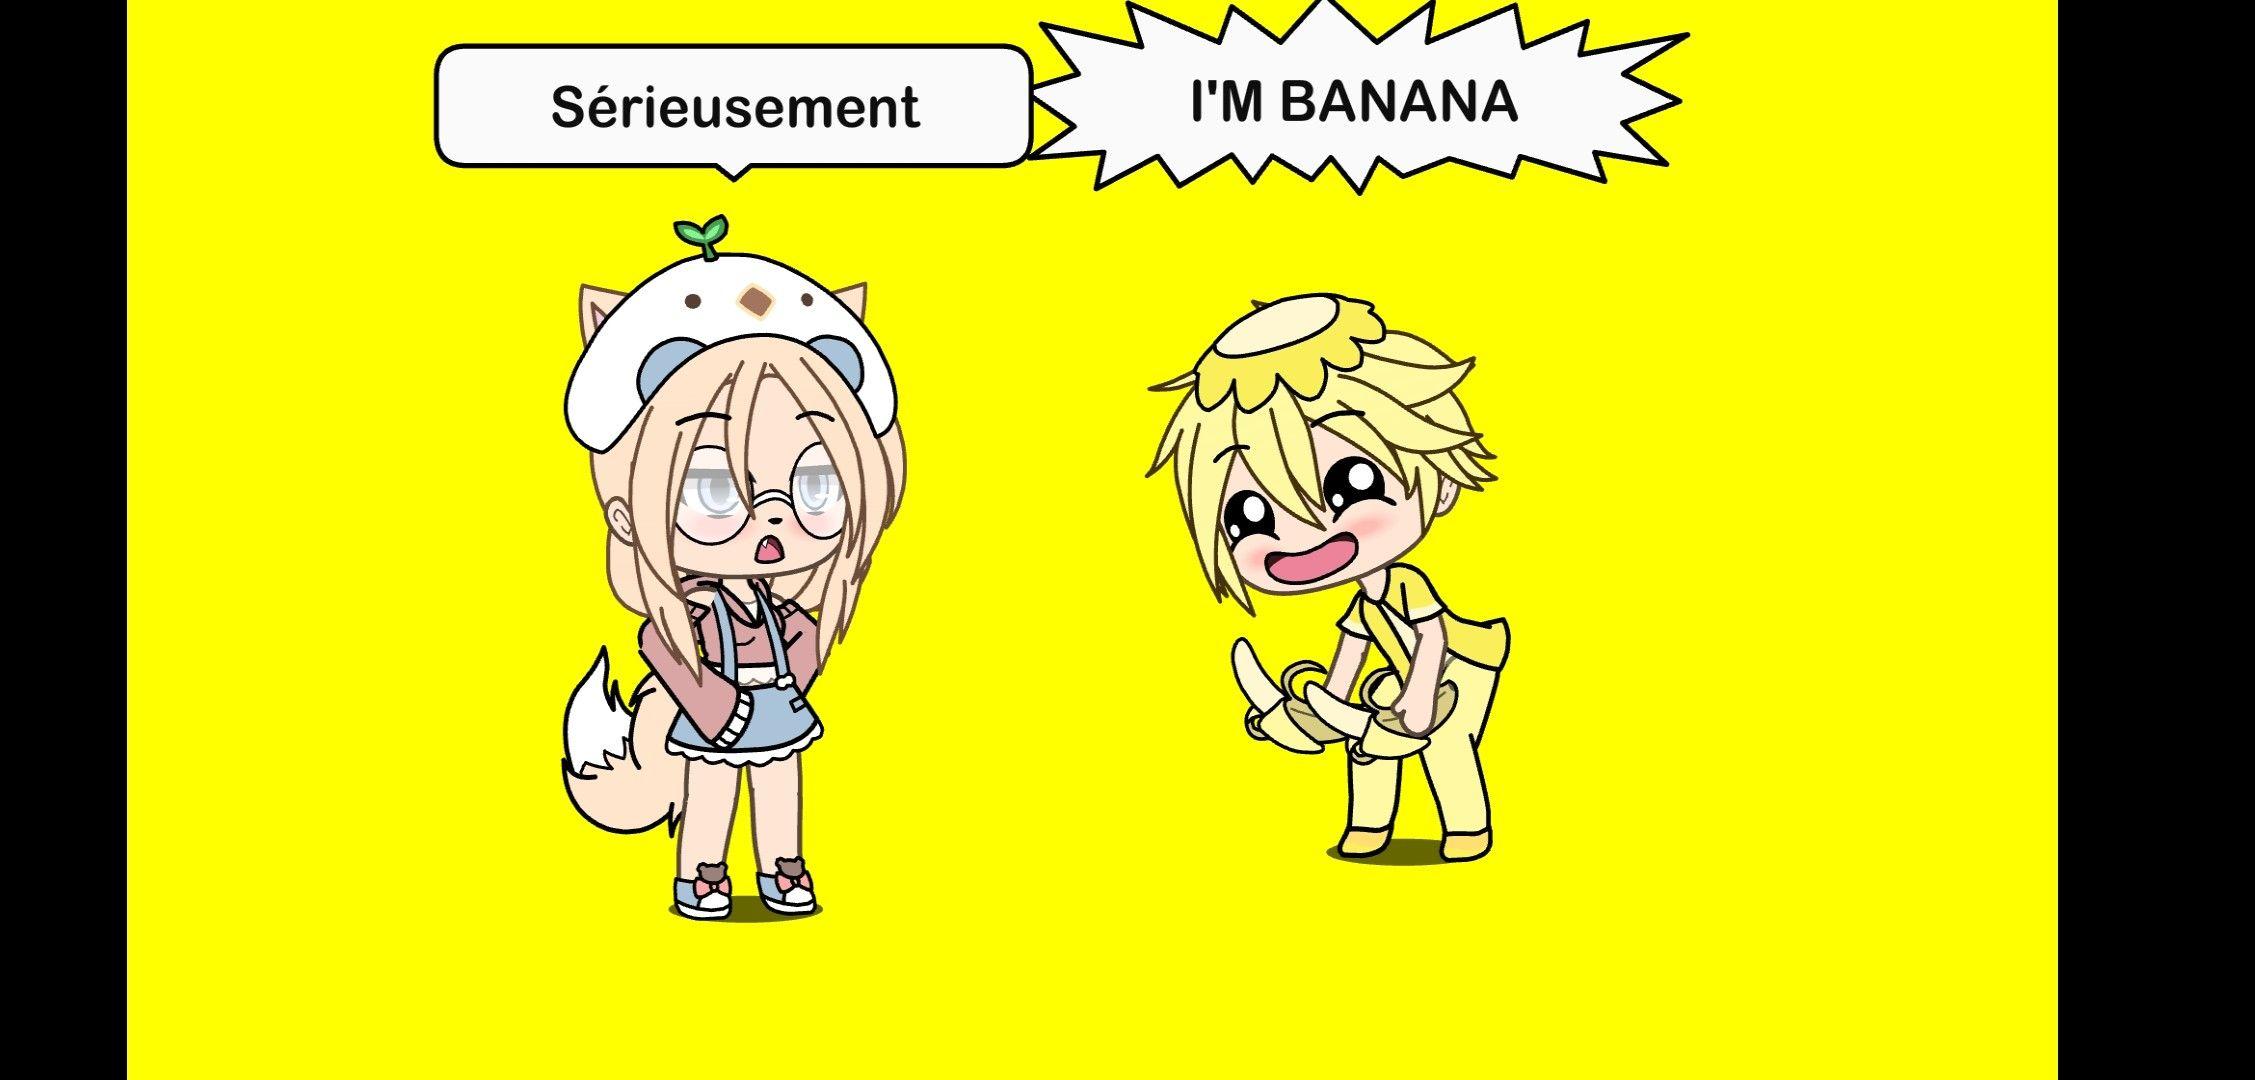 Pin By Miky On 3 Gacha Life 3 Banana Life My Life